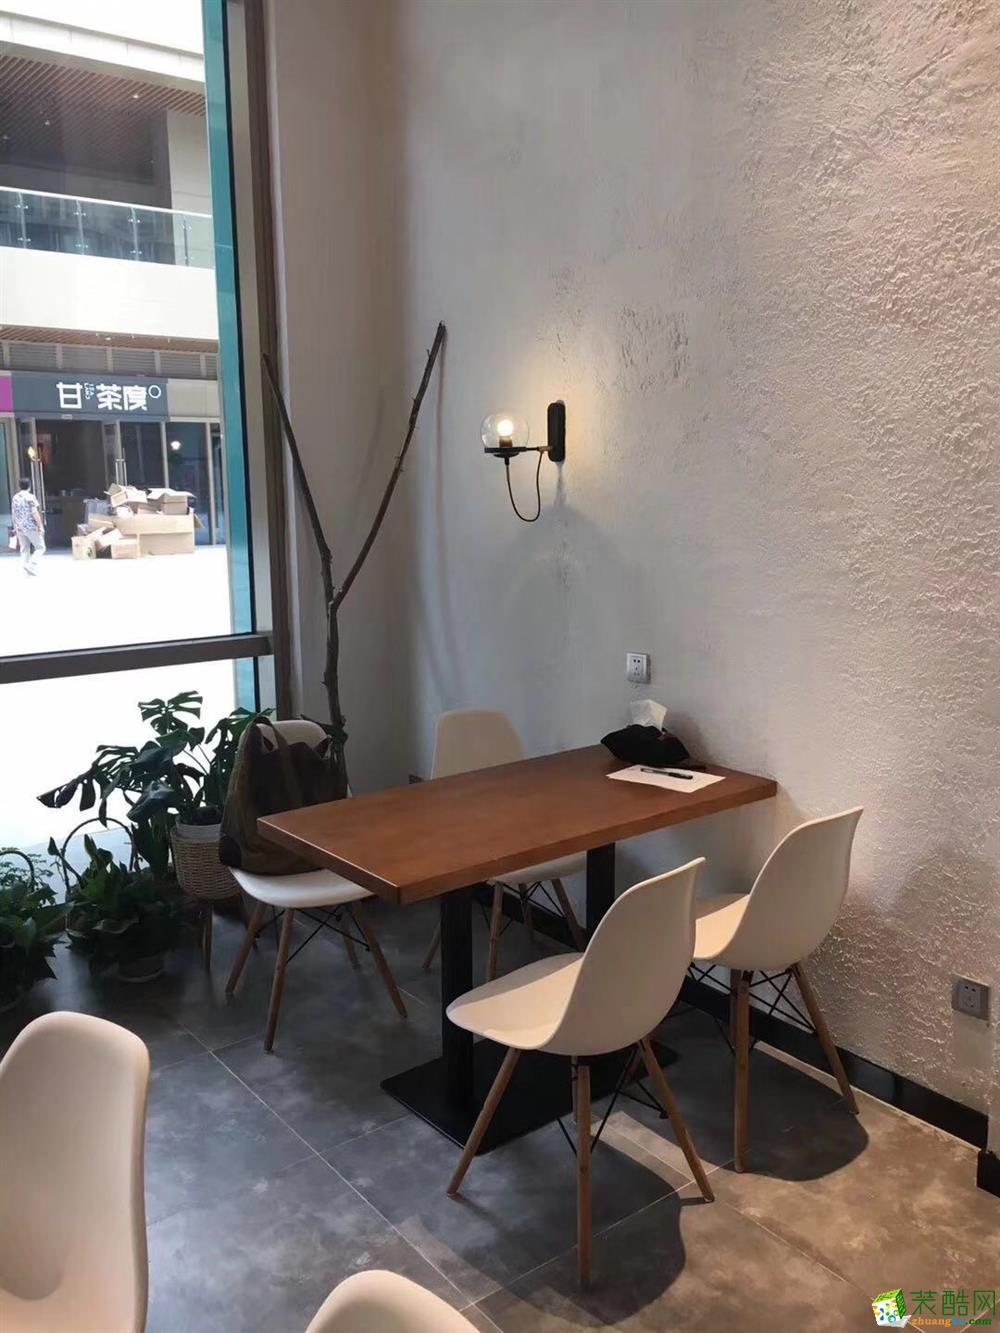 合肥餐饮门店装修―澜曦餐吧120平米简美风格设计